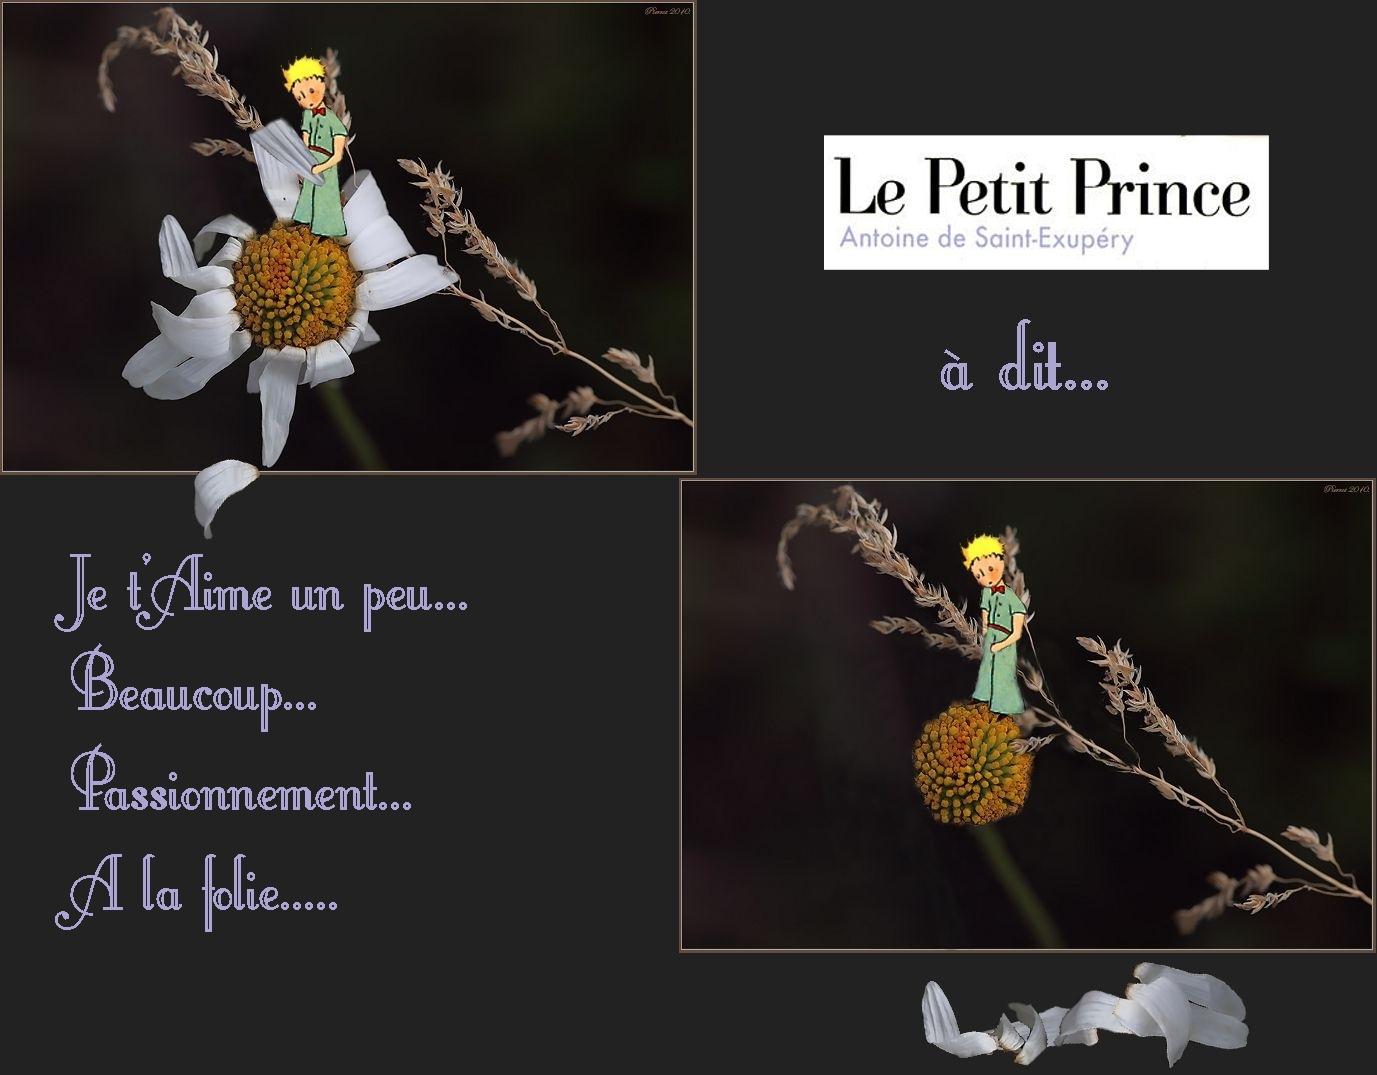 Le Petit Prince a donc dit